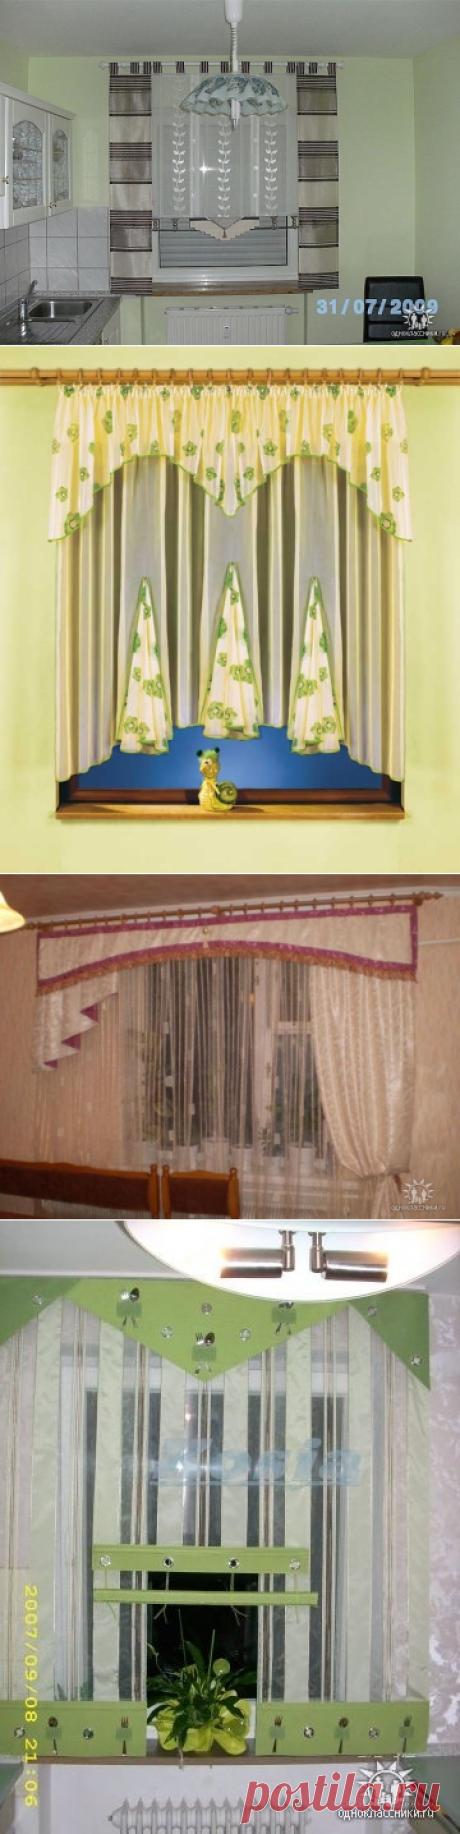 Las variantes de las cortinas para la cocina.